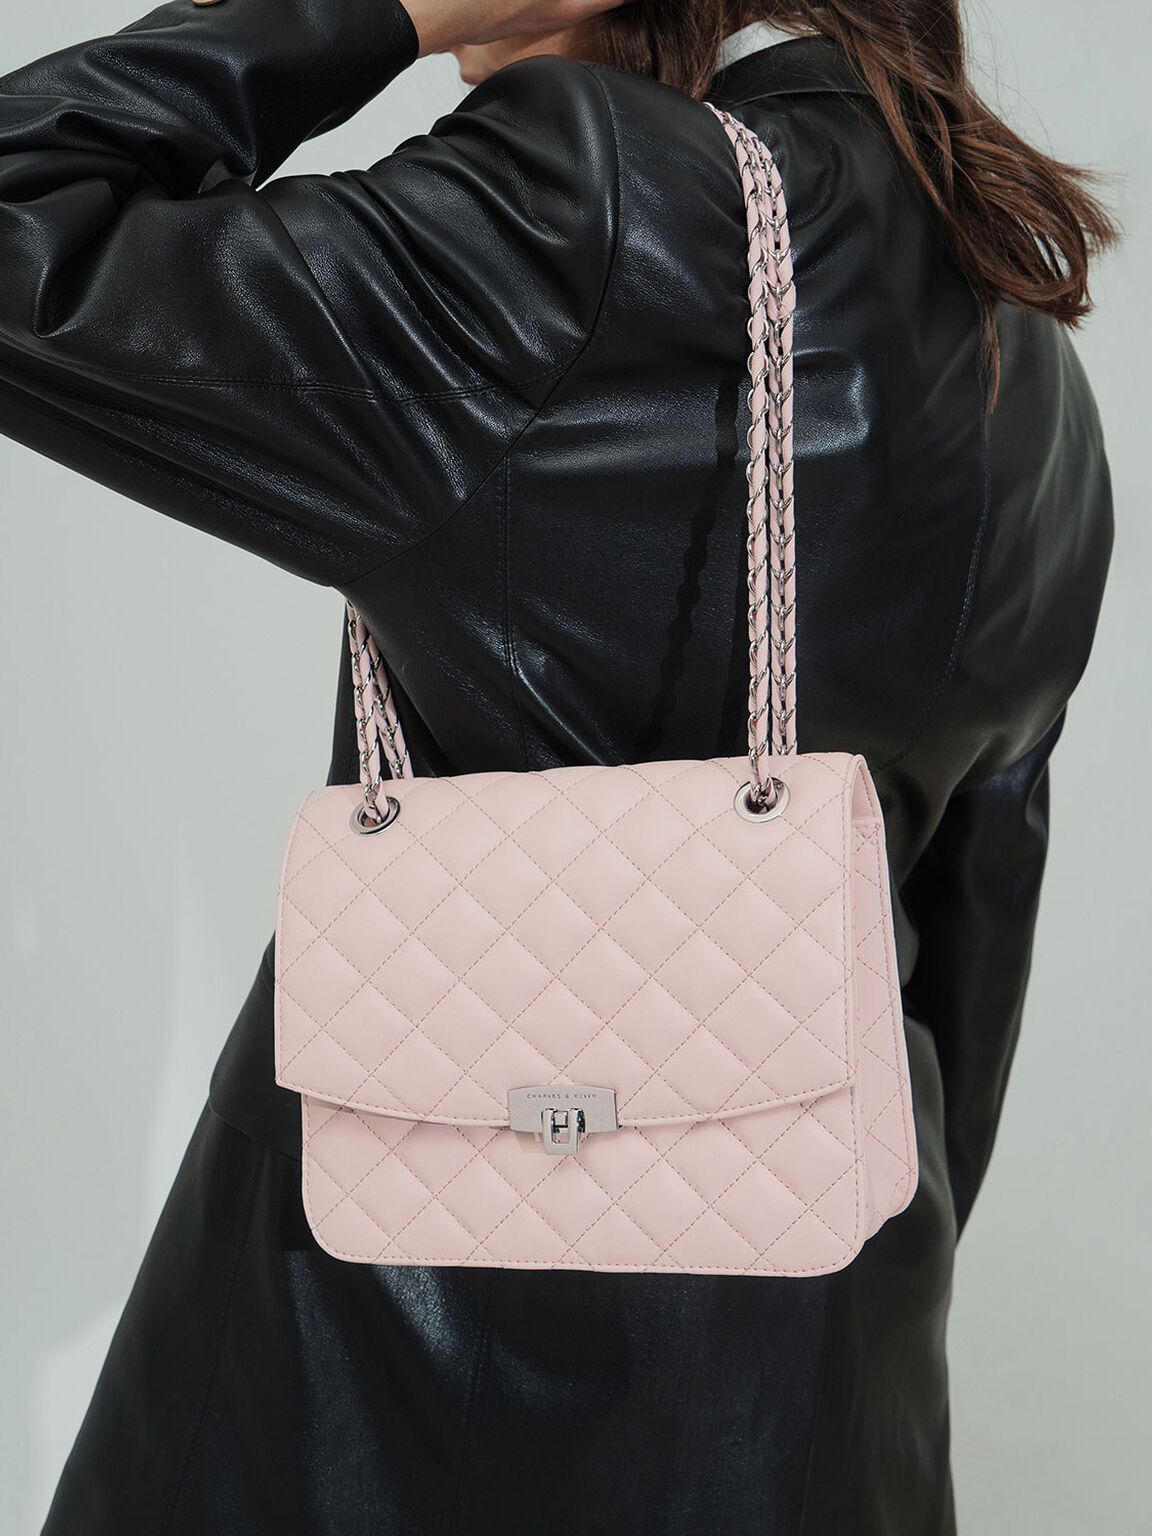 菱格紋鍊條包, 粉紅色, hi-res